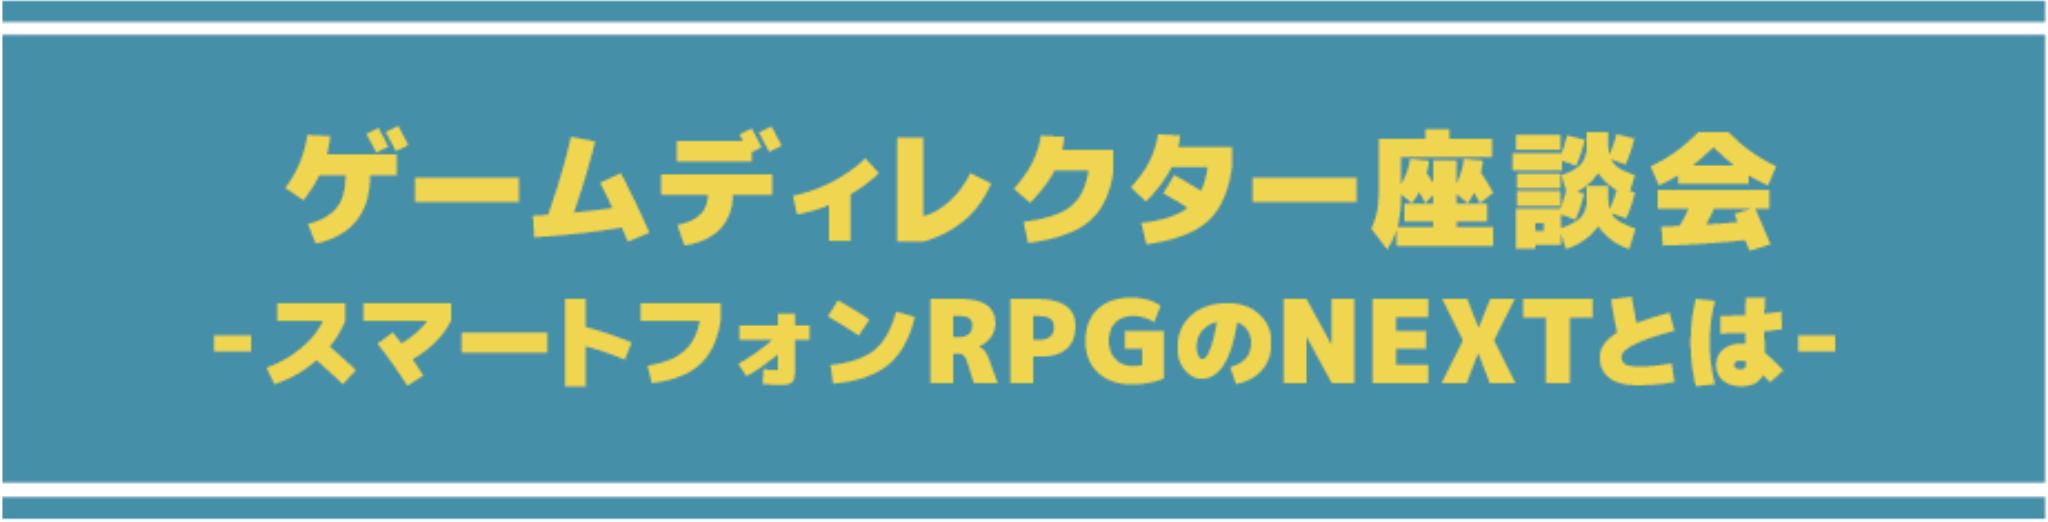 『ディレクター座談会』 ~スマートフォン RPG の NEXT とは~ 『Director's ME... 画像